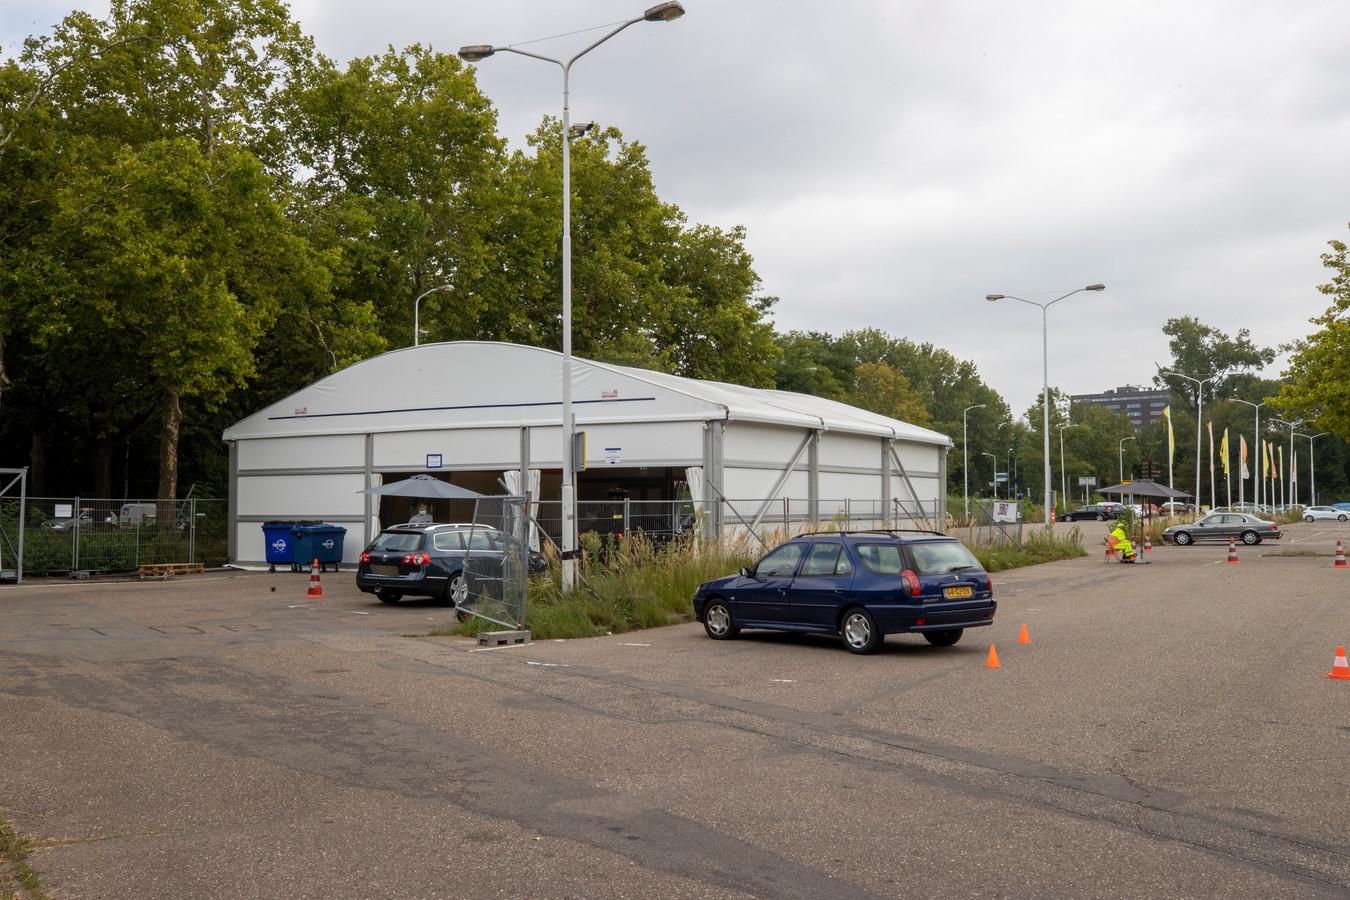 De corona-teststraat in Eindhoven in september. Inmiddels moeten mensen uit hun auto stappen voor een coronatest.